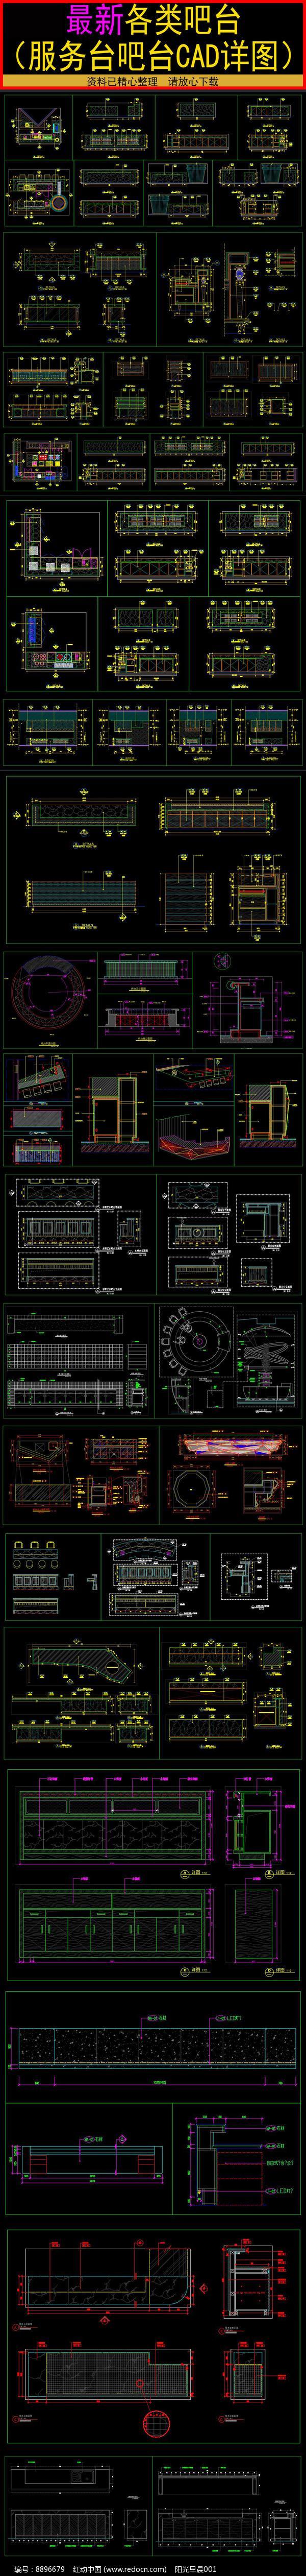 新款吧台服务台CAD图片